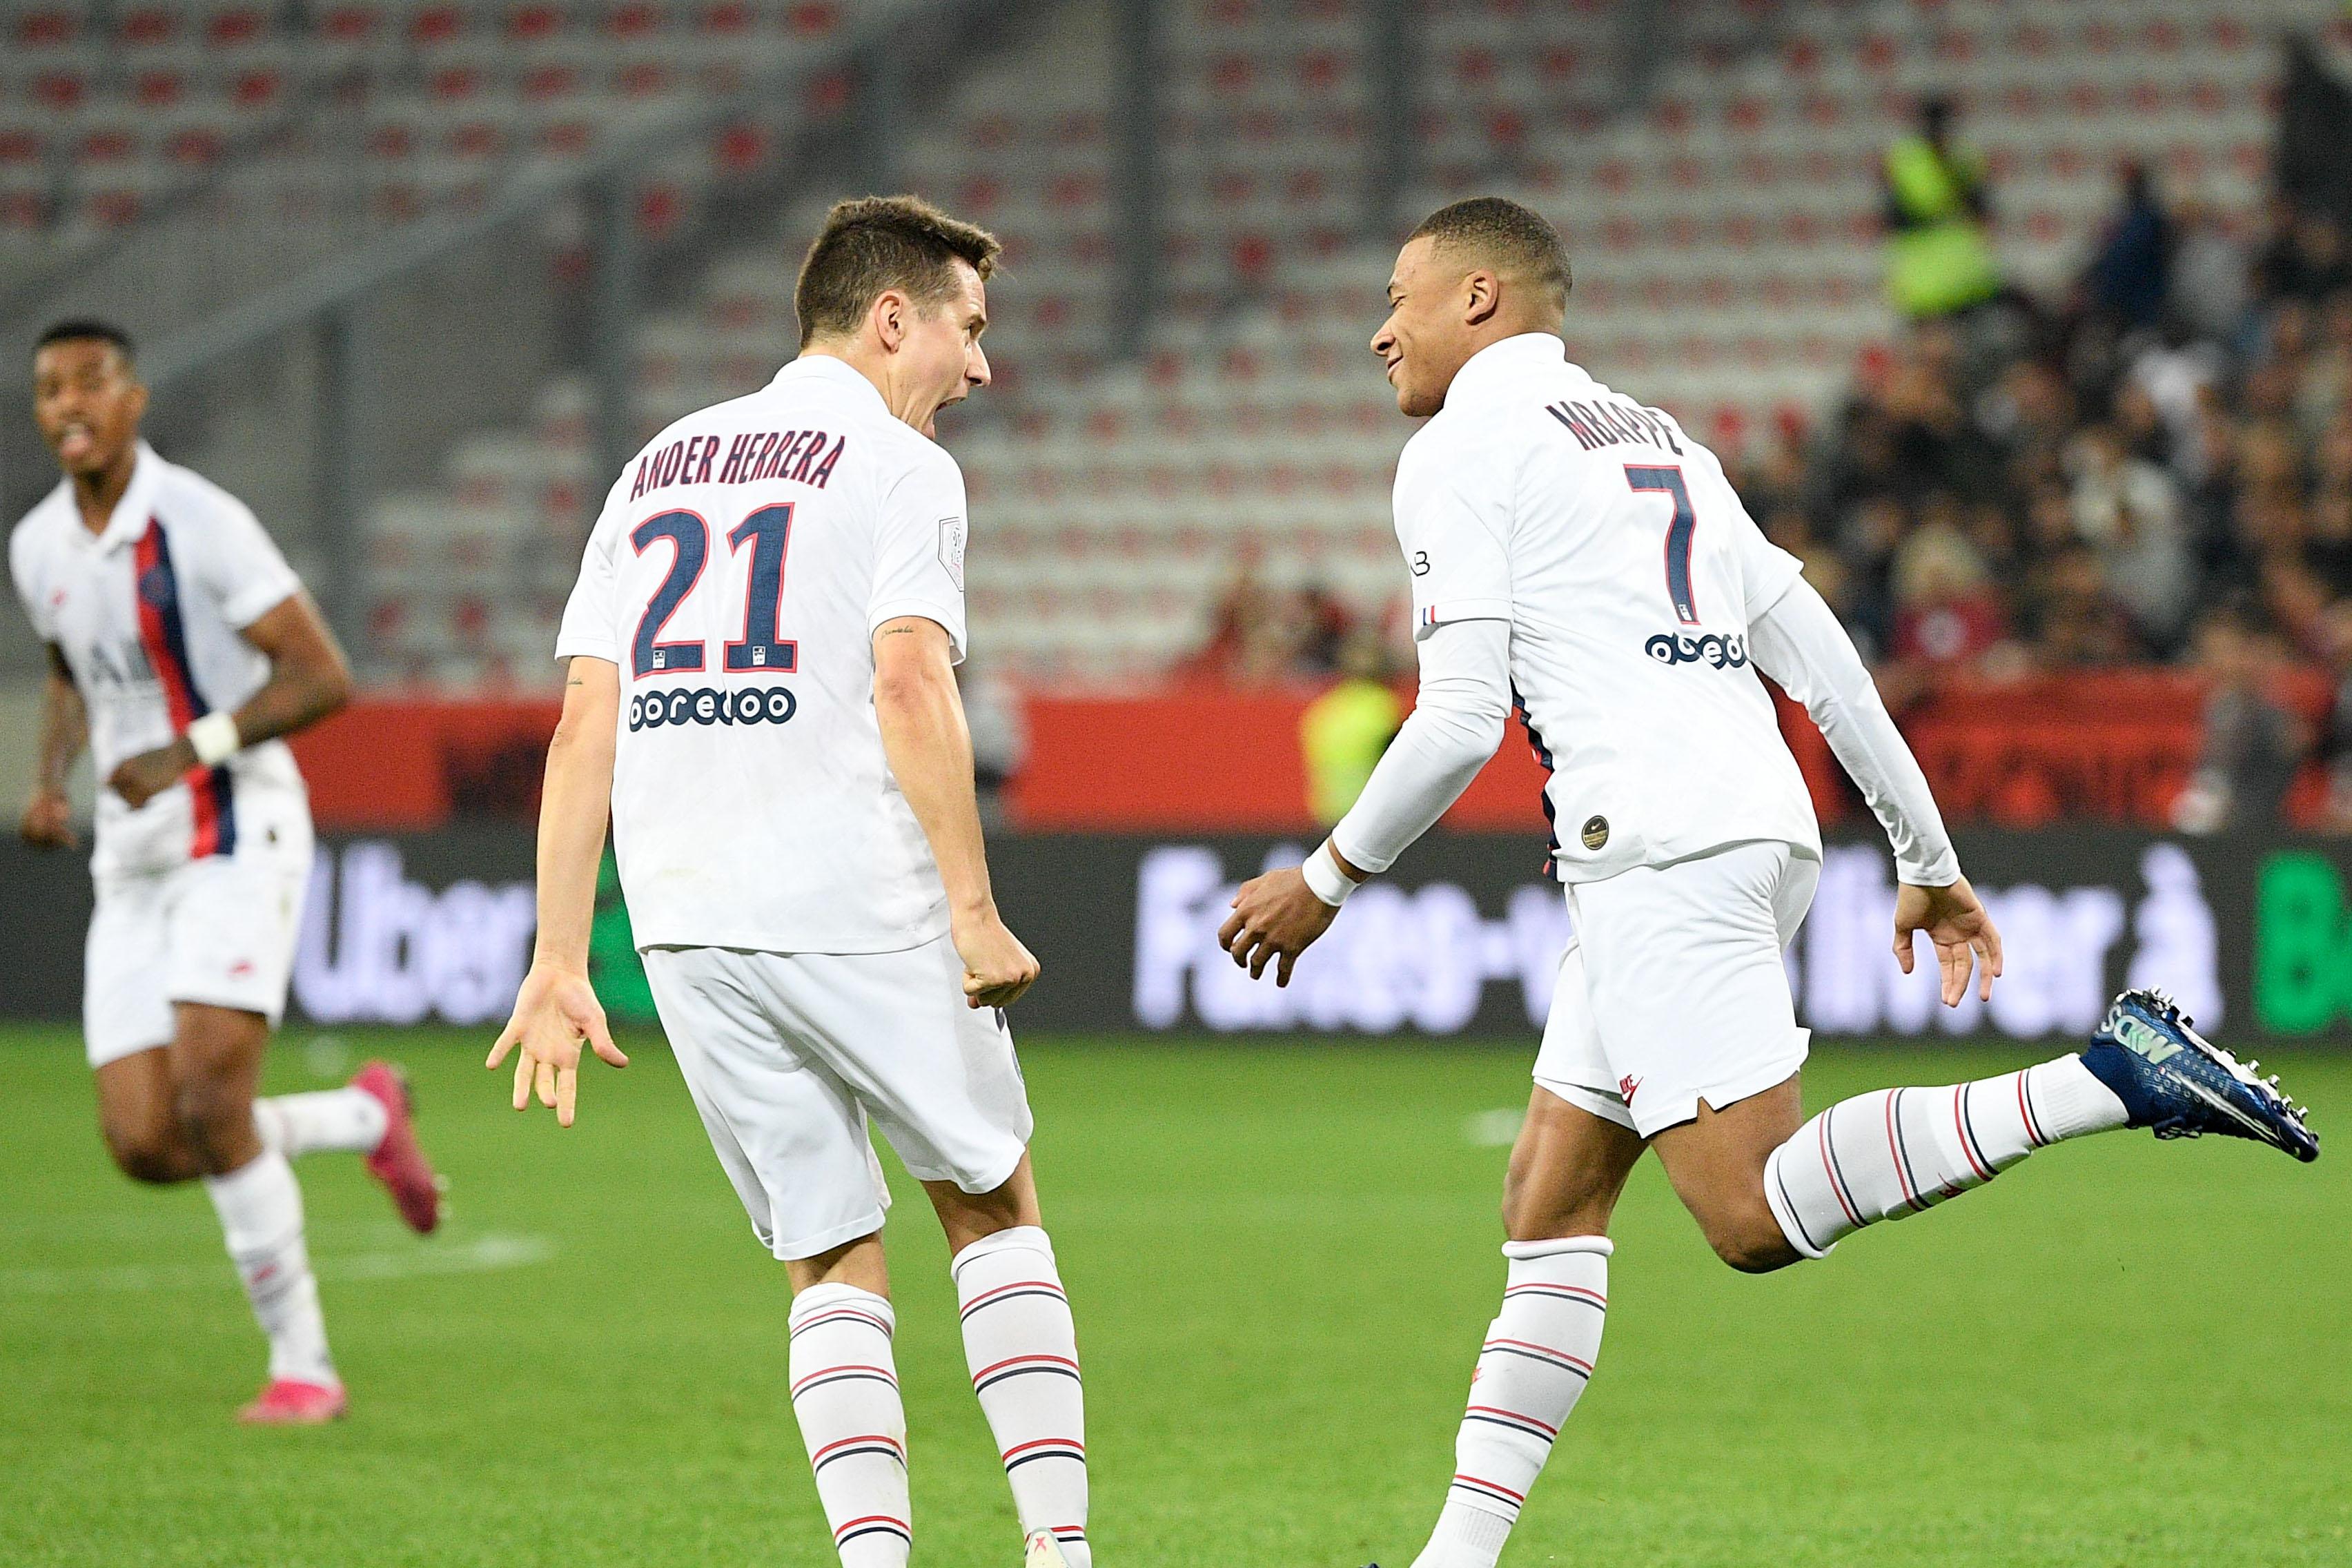 Football - Transferts - Le journal du mercato : pour Herrera, Neymar et Mbappé resteront au PSG